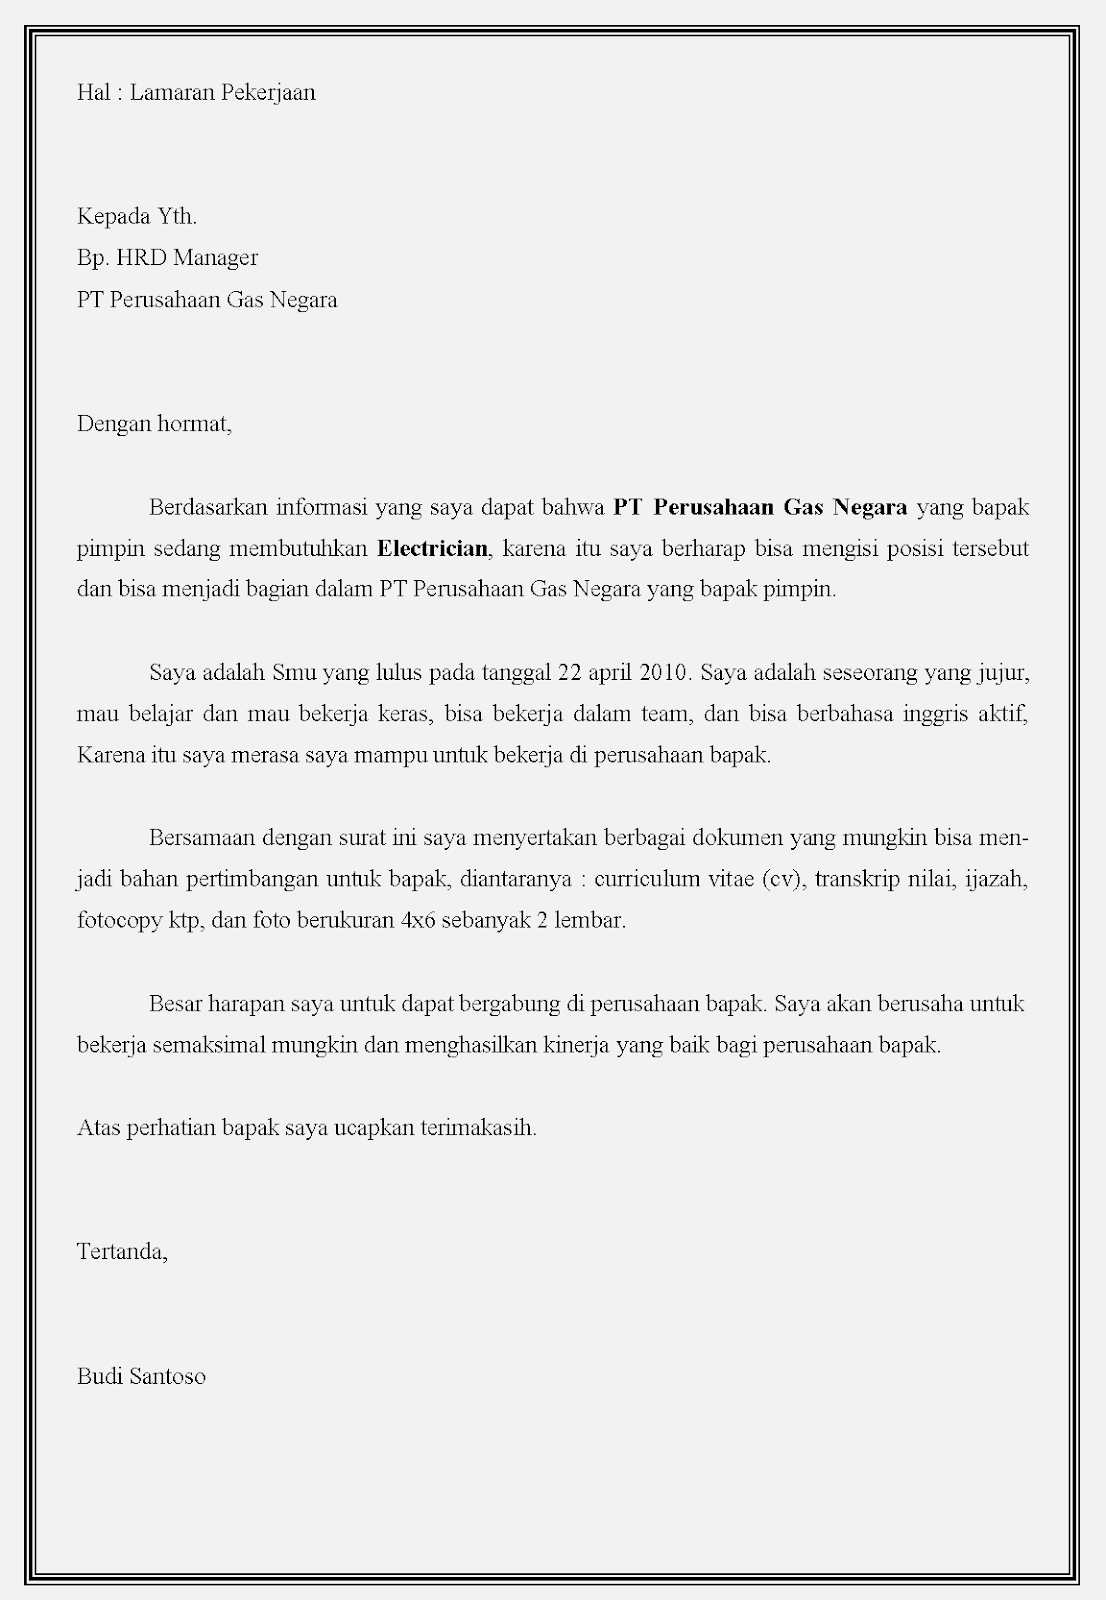 Contoh surat lamaran kerja bumn di PT PGN